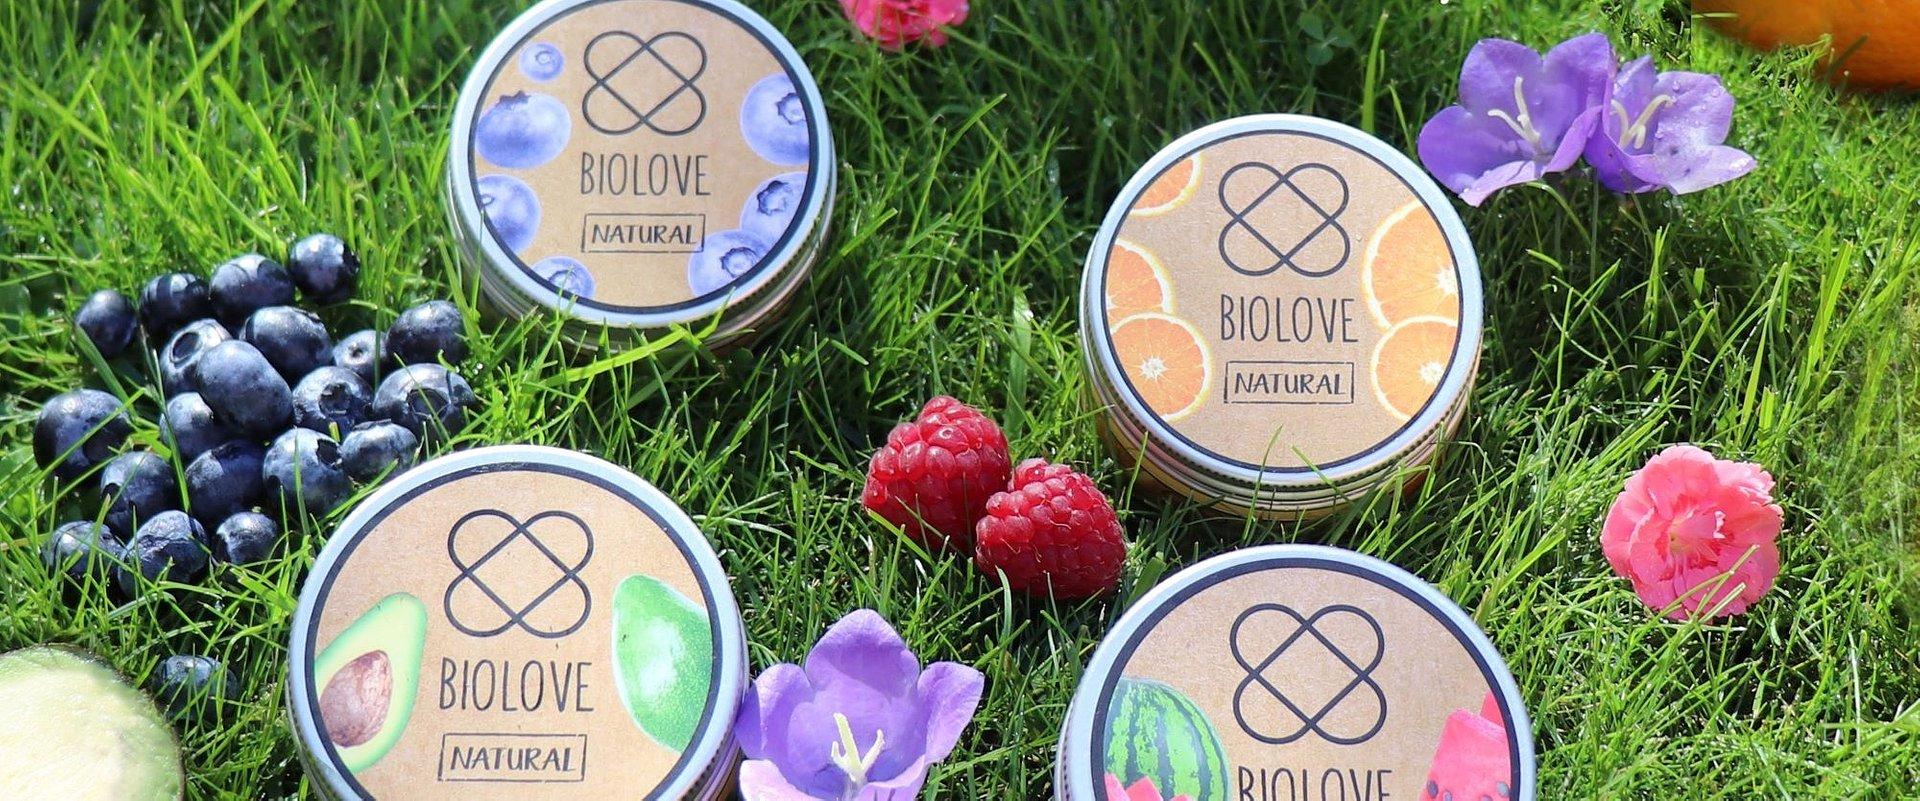 All you need is…Biolove, czyli czerwcowe promocje w sieci Kontigo